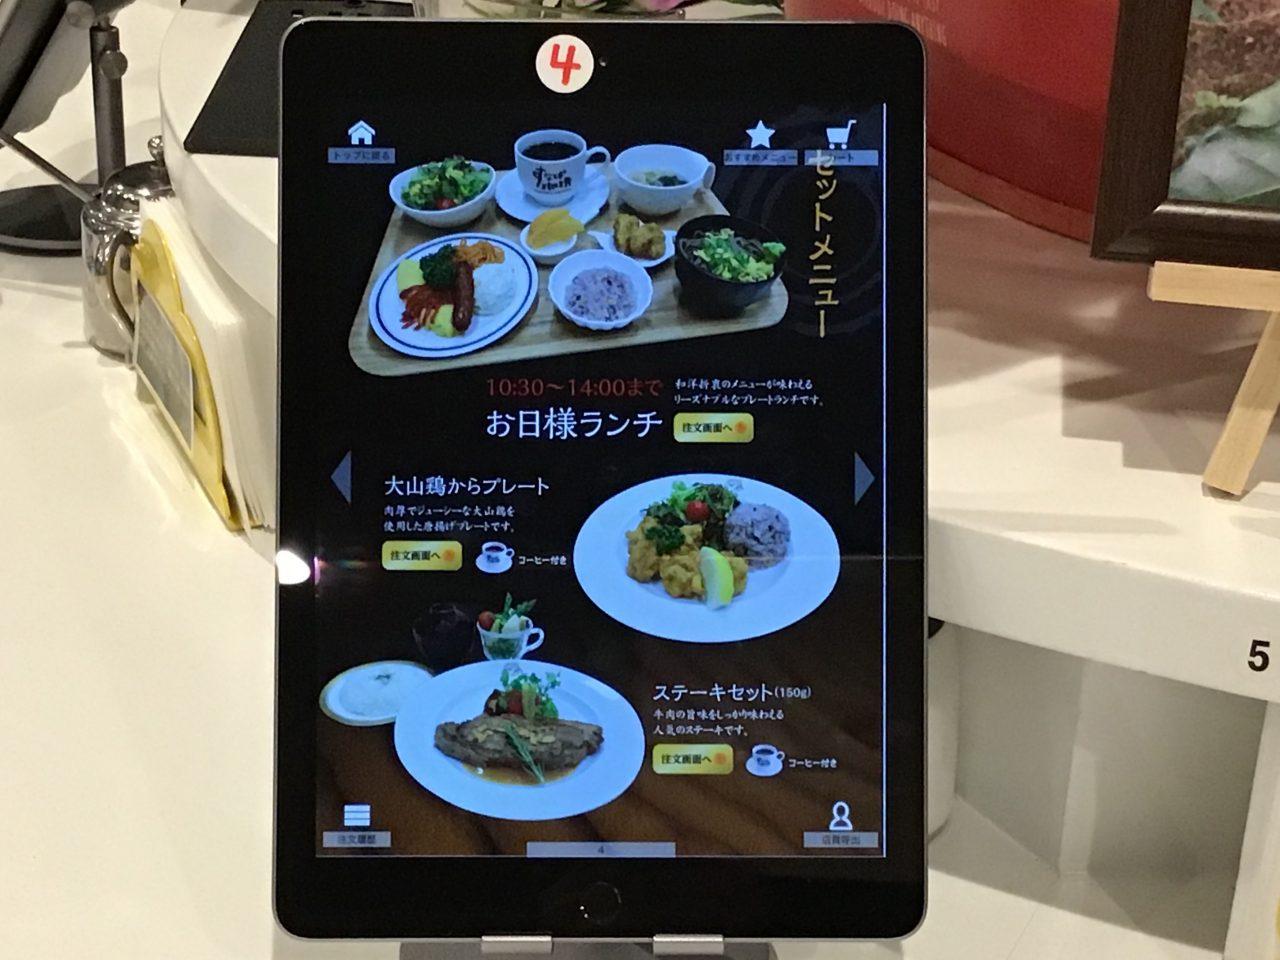 「すなば珈琲」注文用のタブレット(iPad)